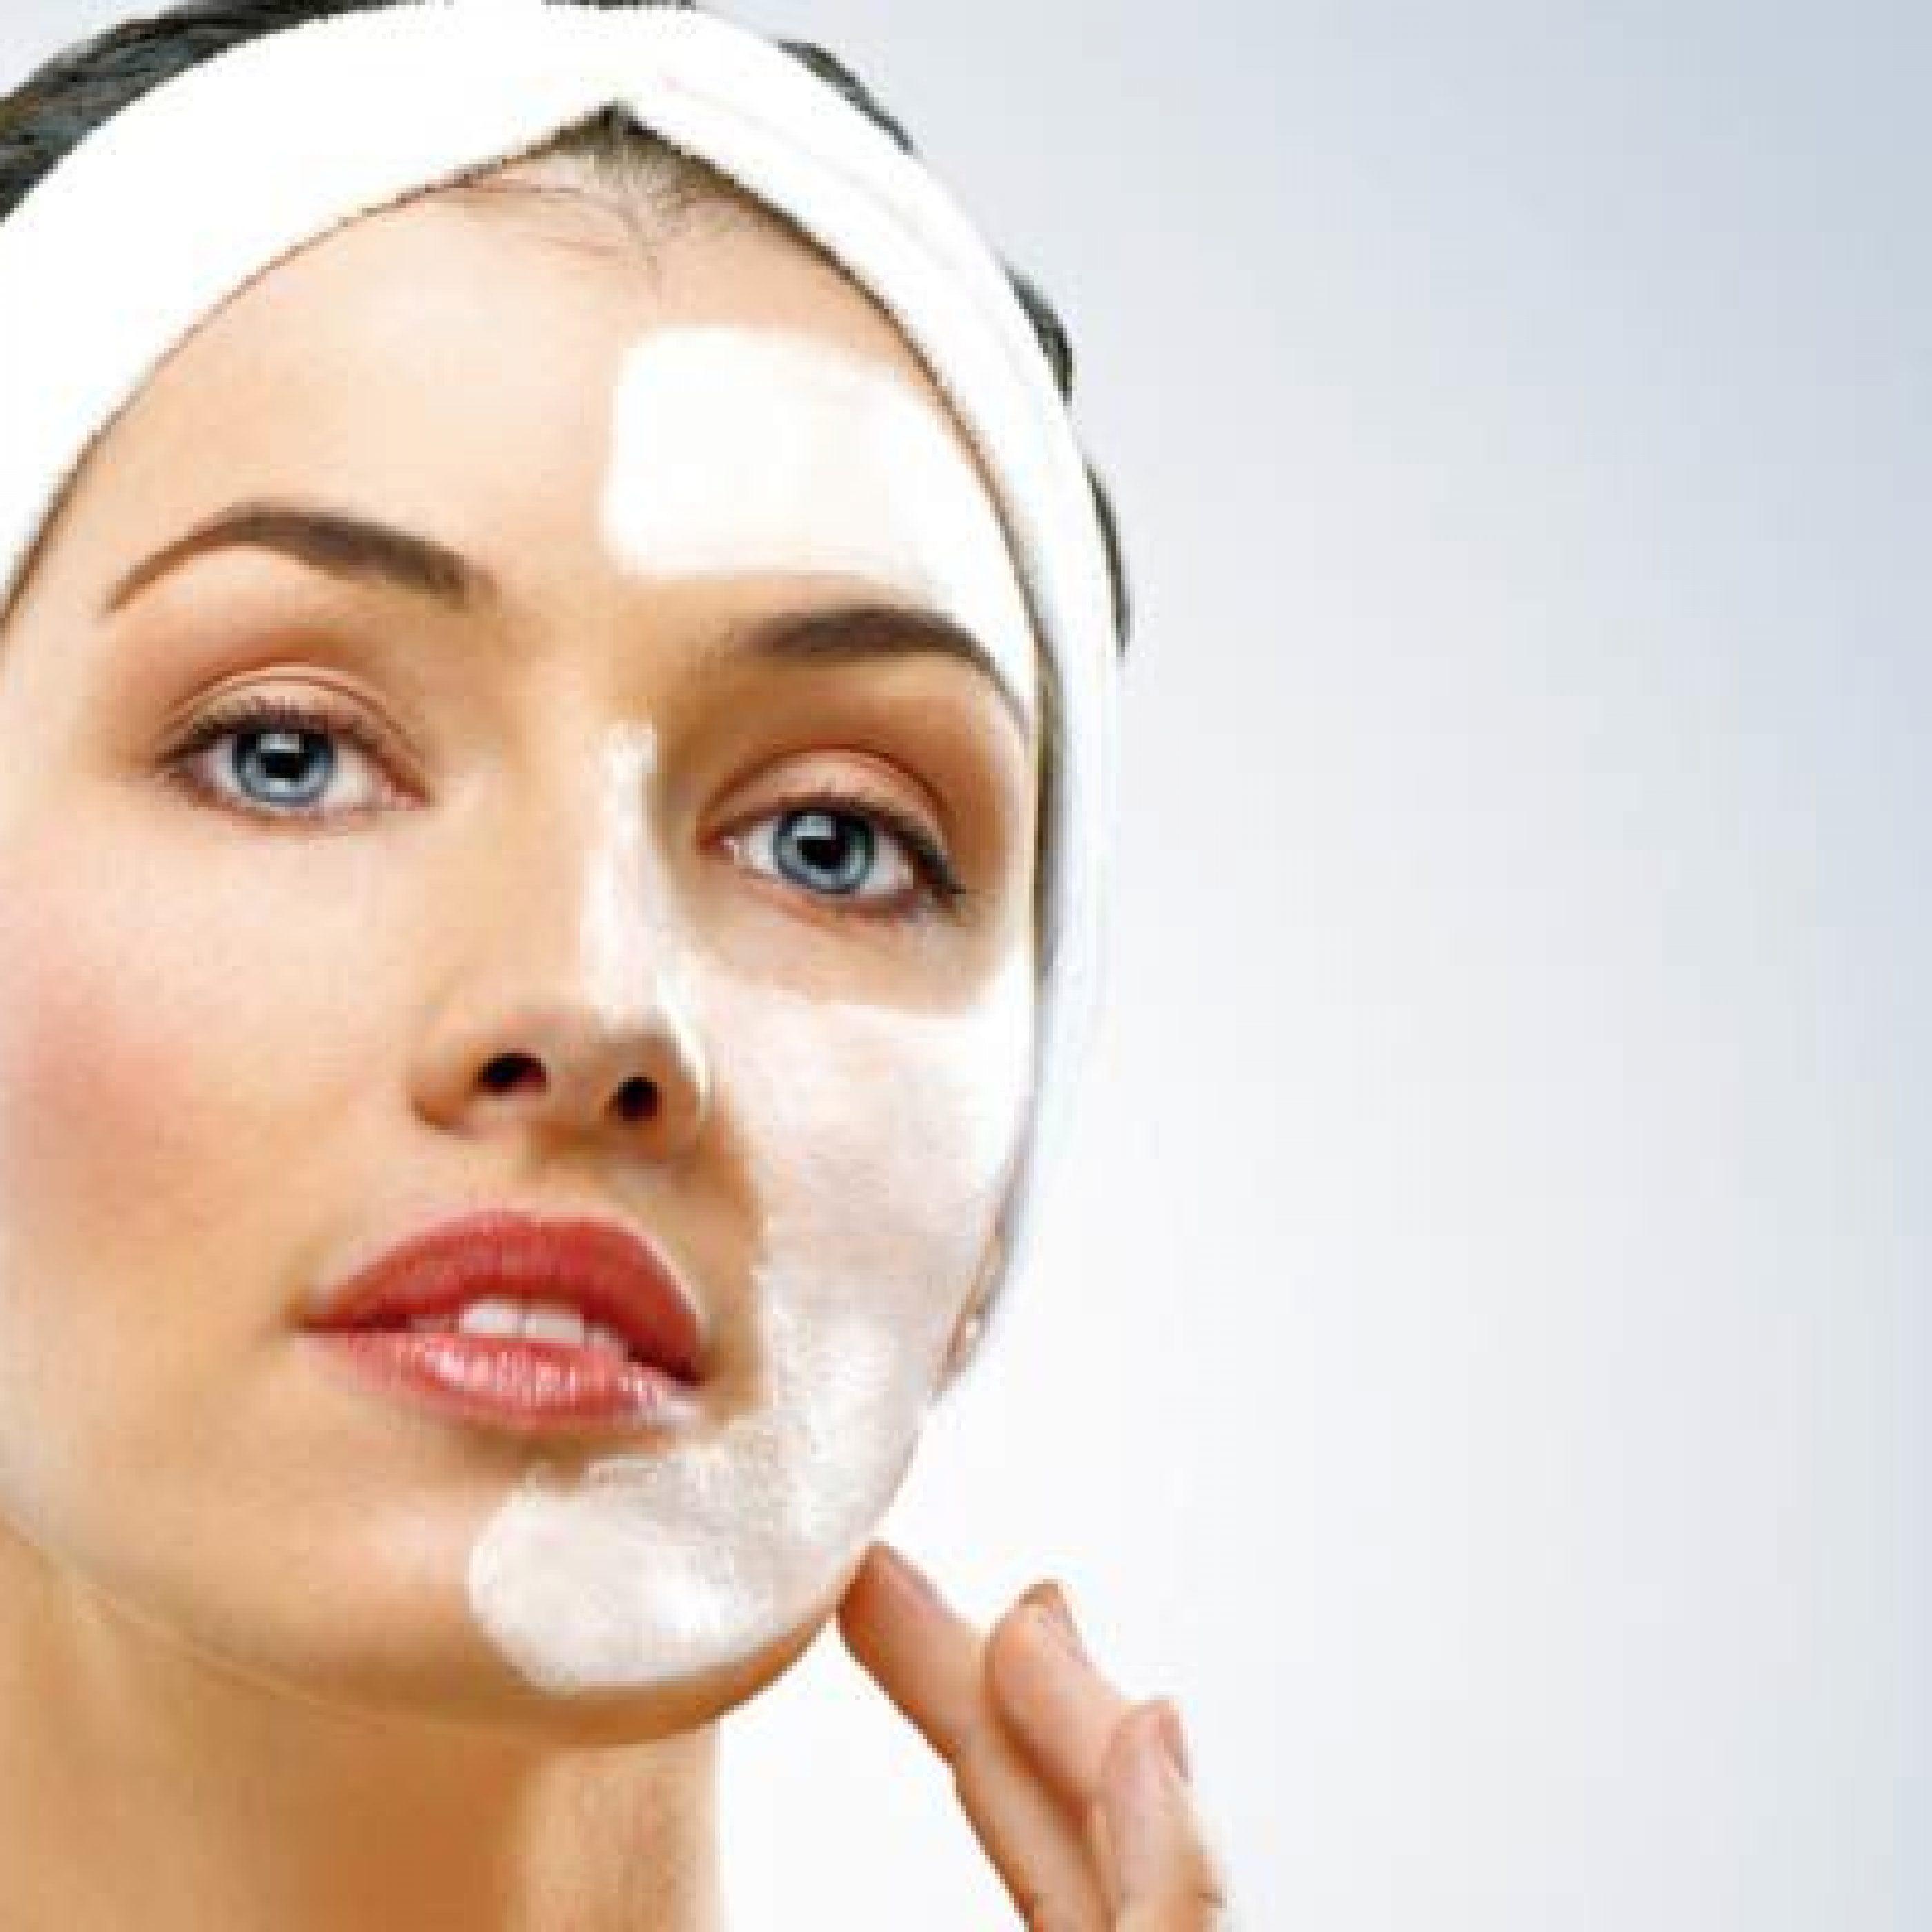 Desvendando de vez os Mitos e verdades sobre a maquiagem